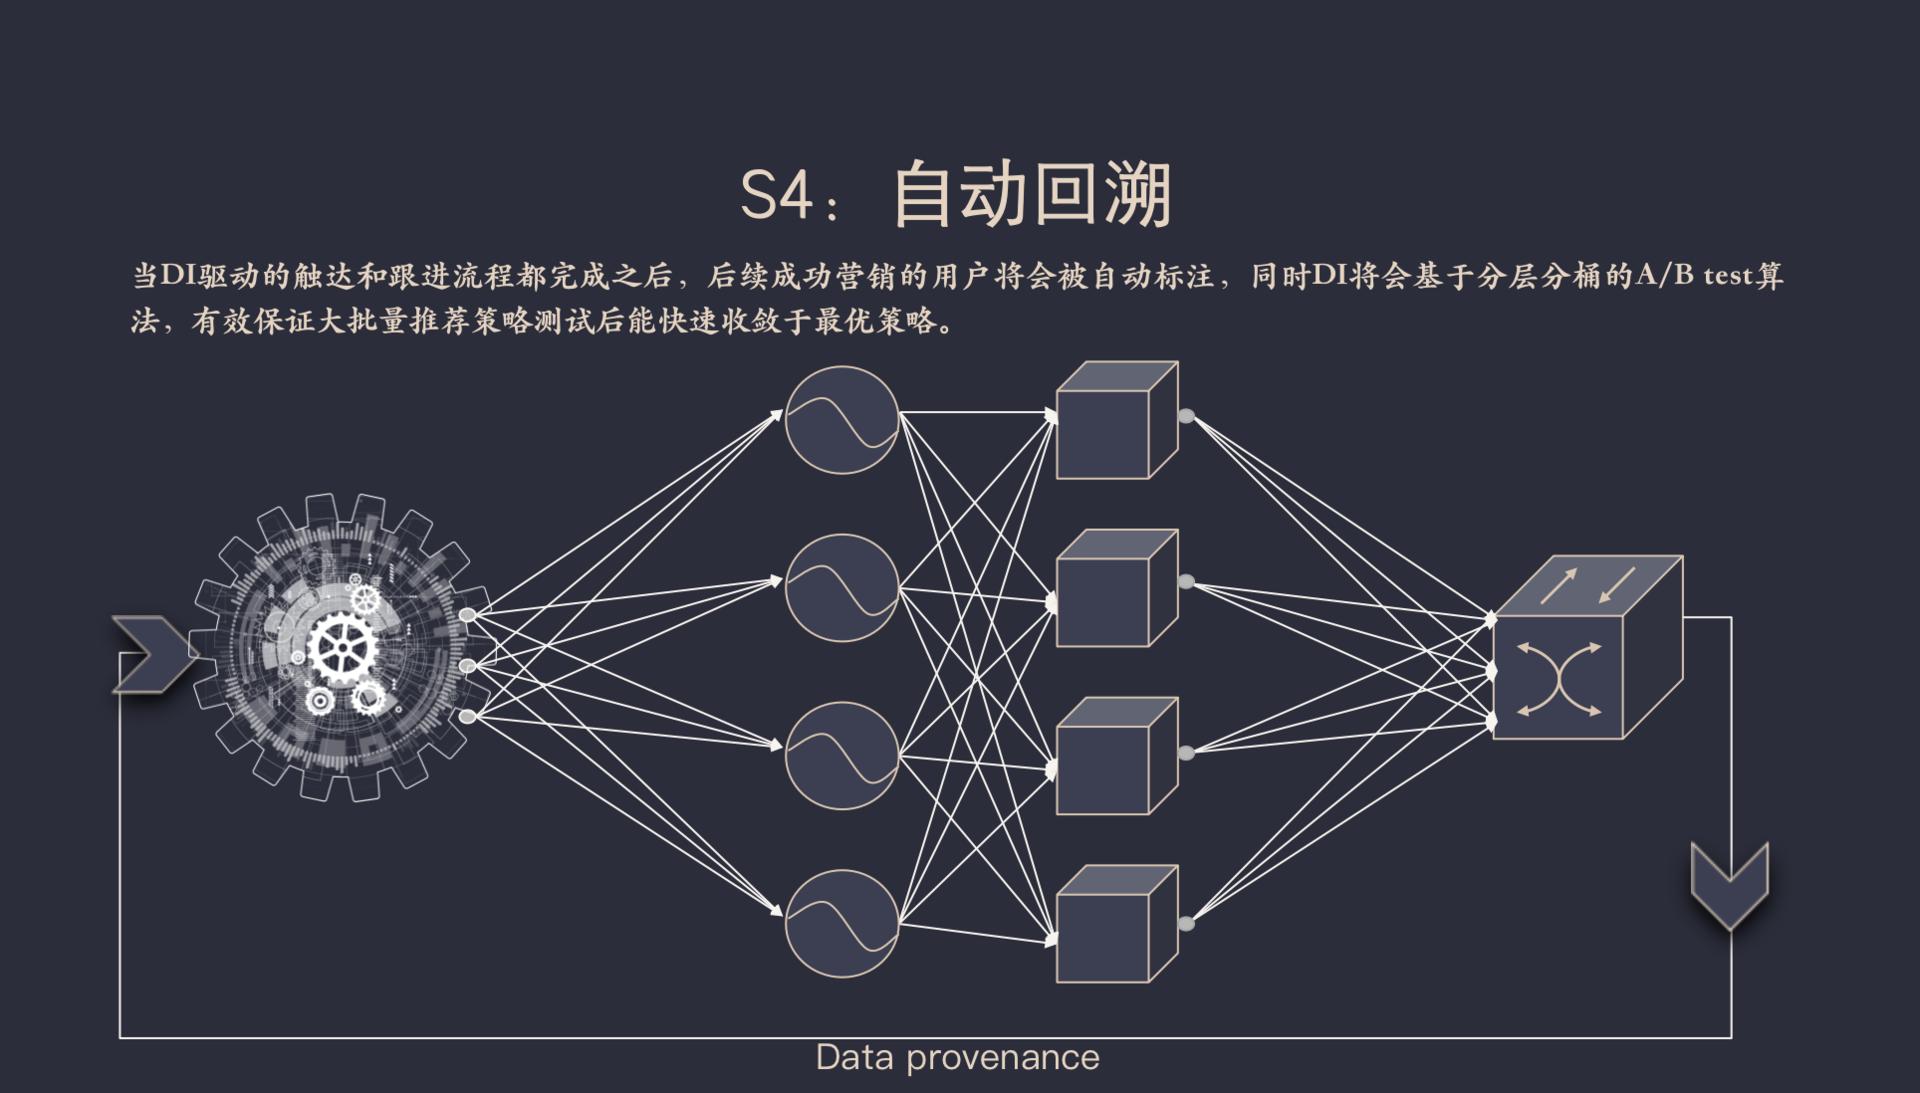 摸象大数据高鹏:数据智能在金融行业的应用落地